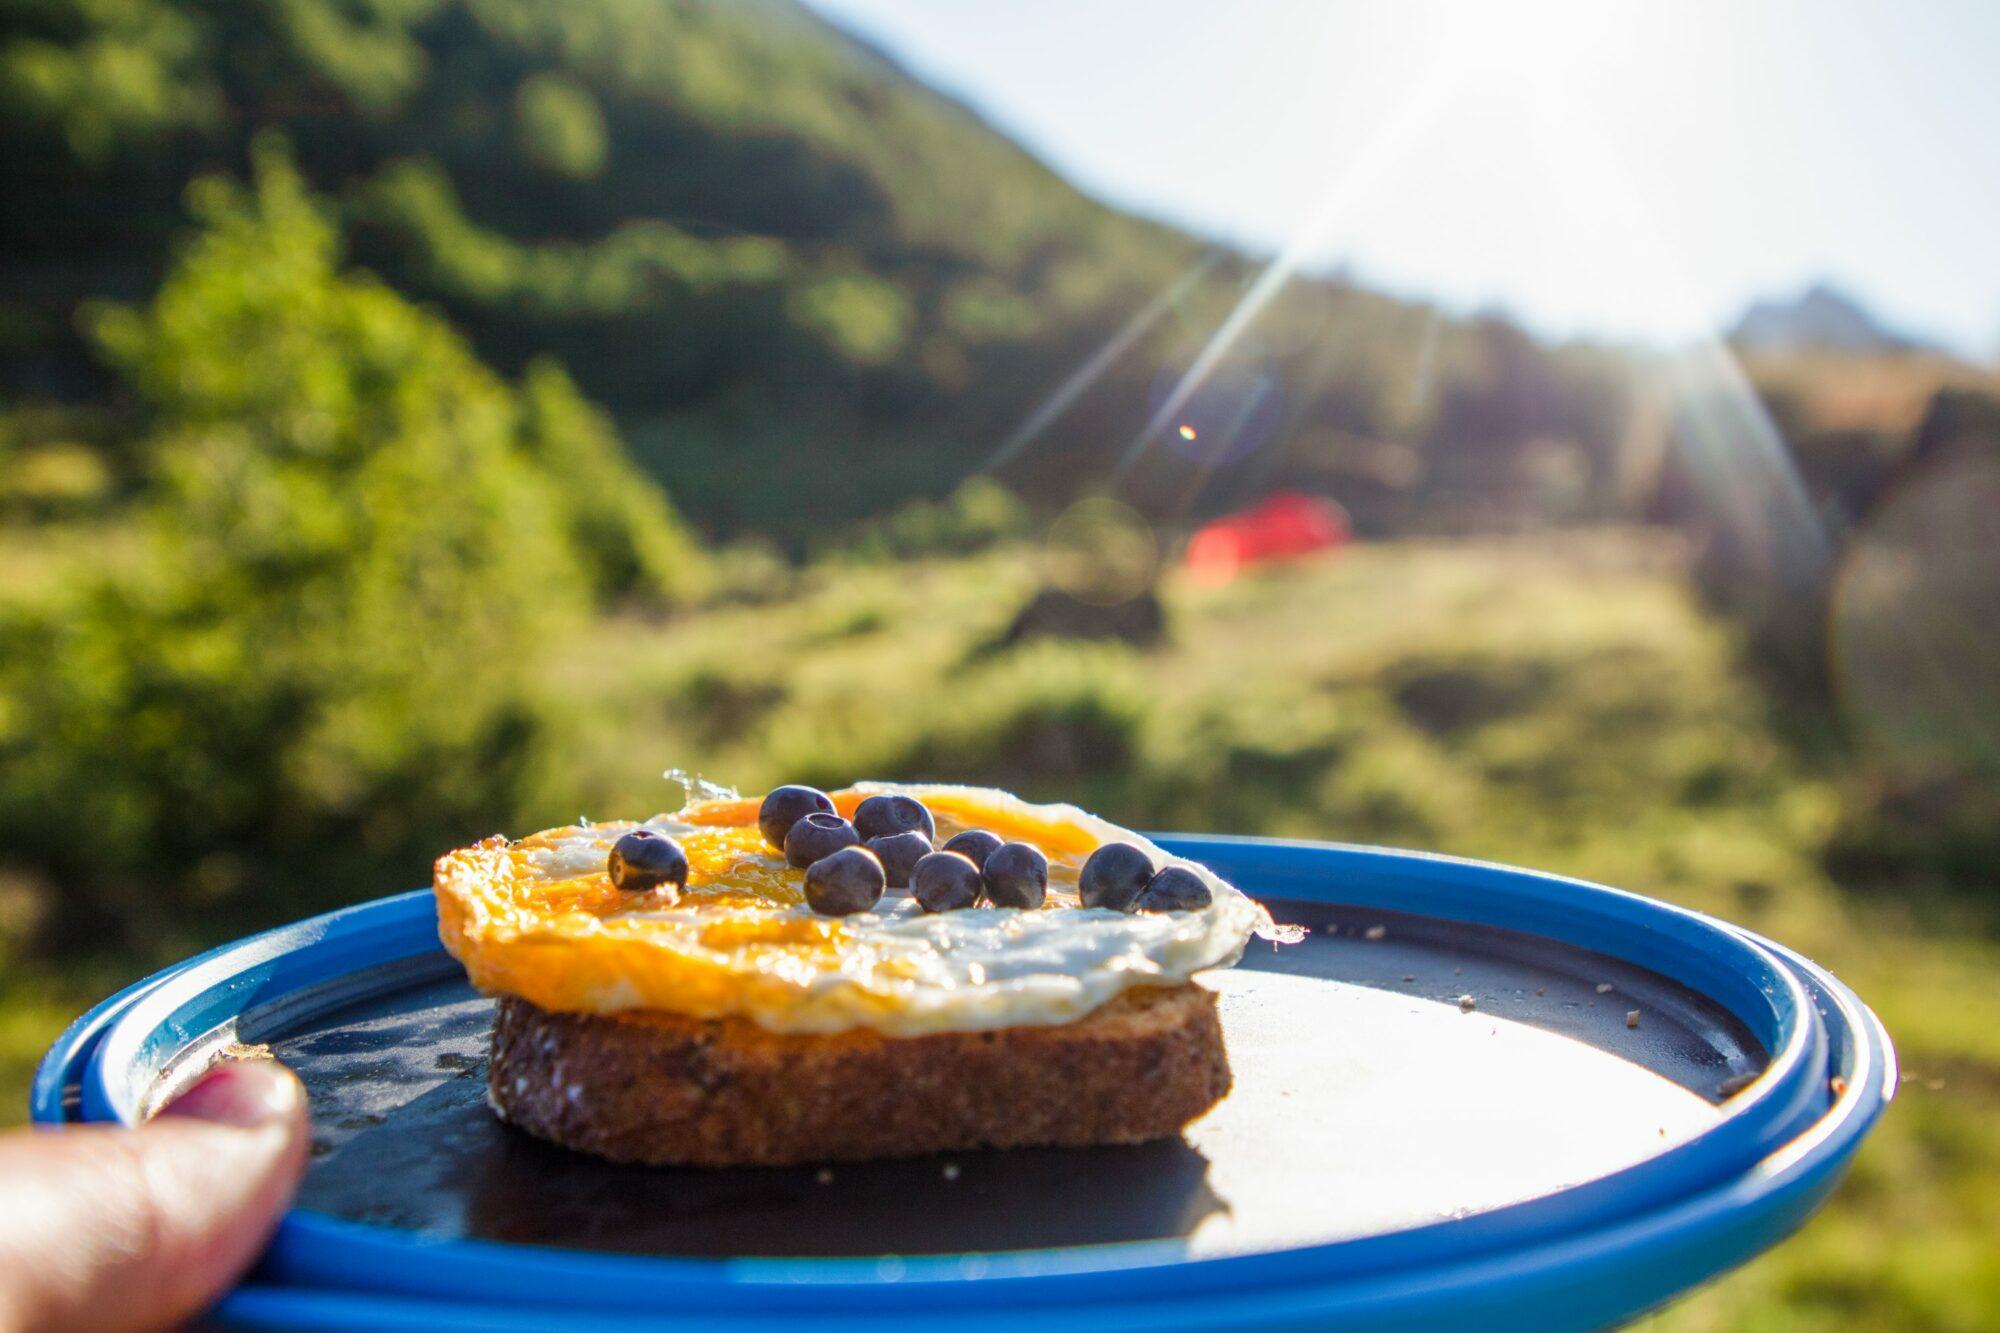 Snakk om luksus å få sjølvplukka blåbær til frukost.